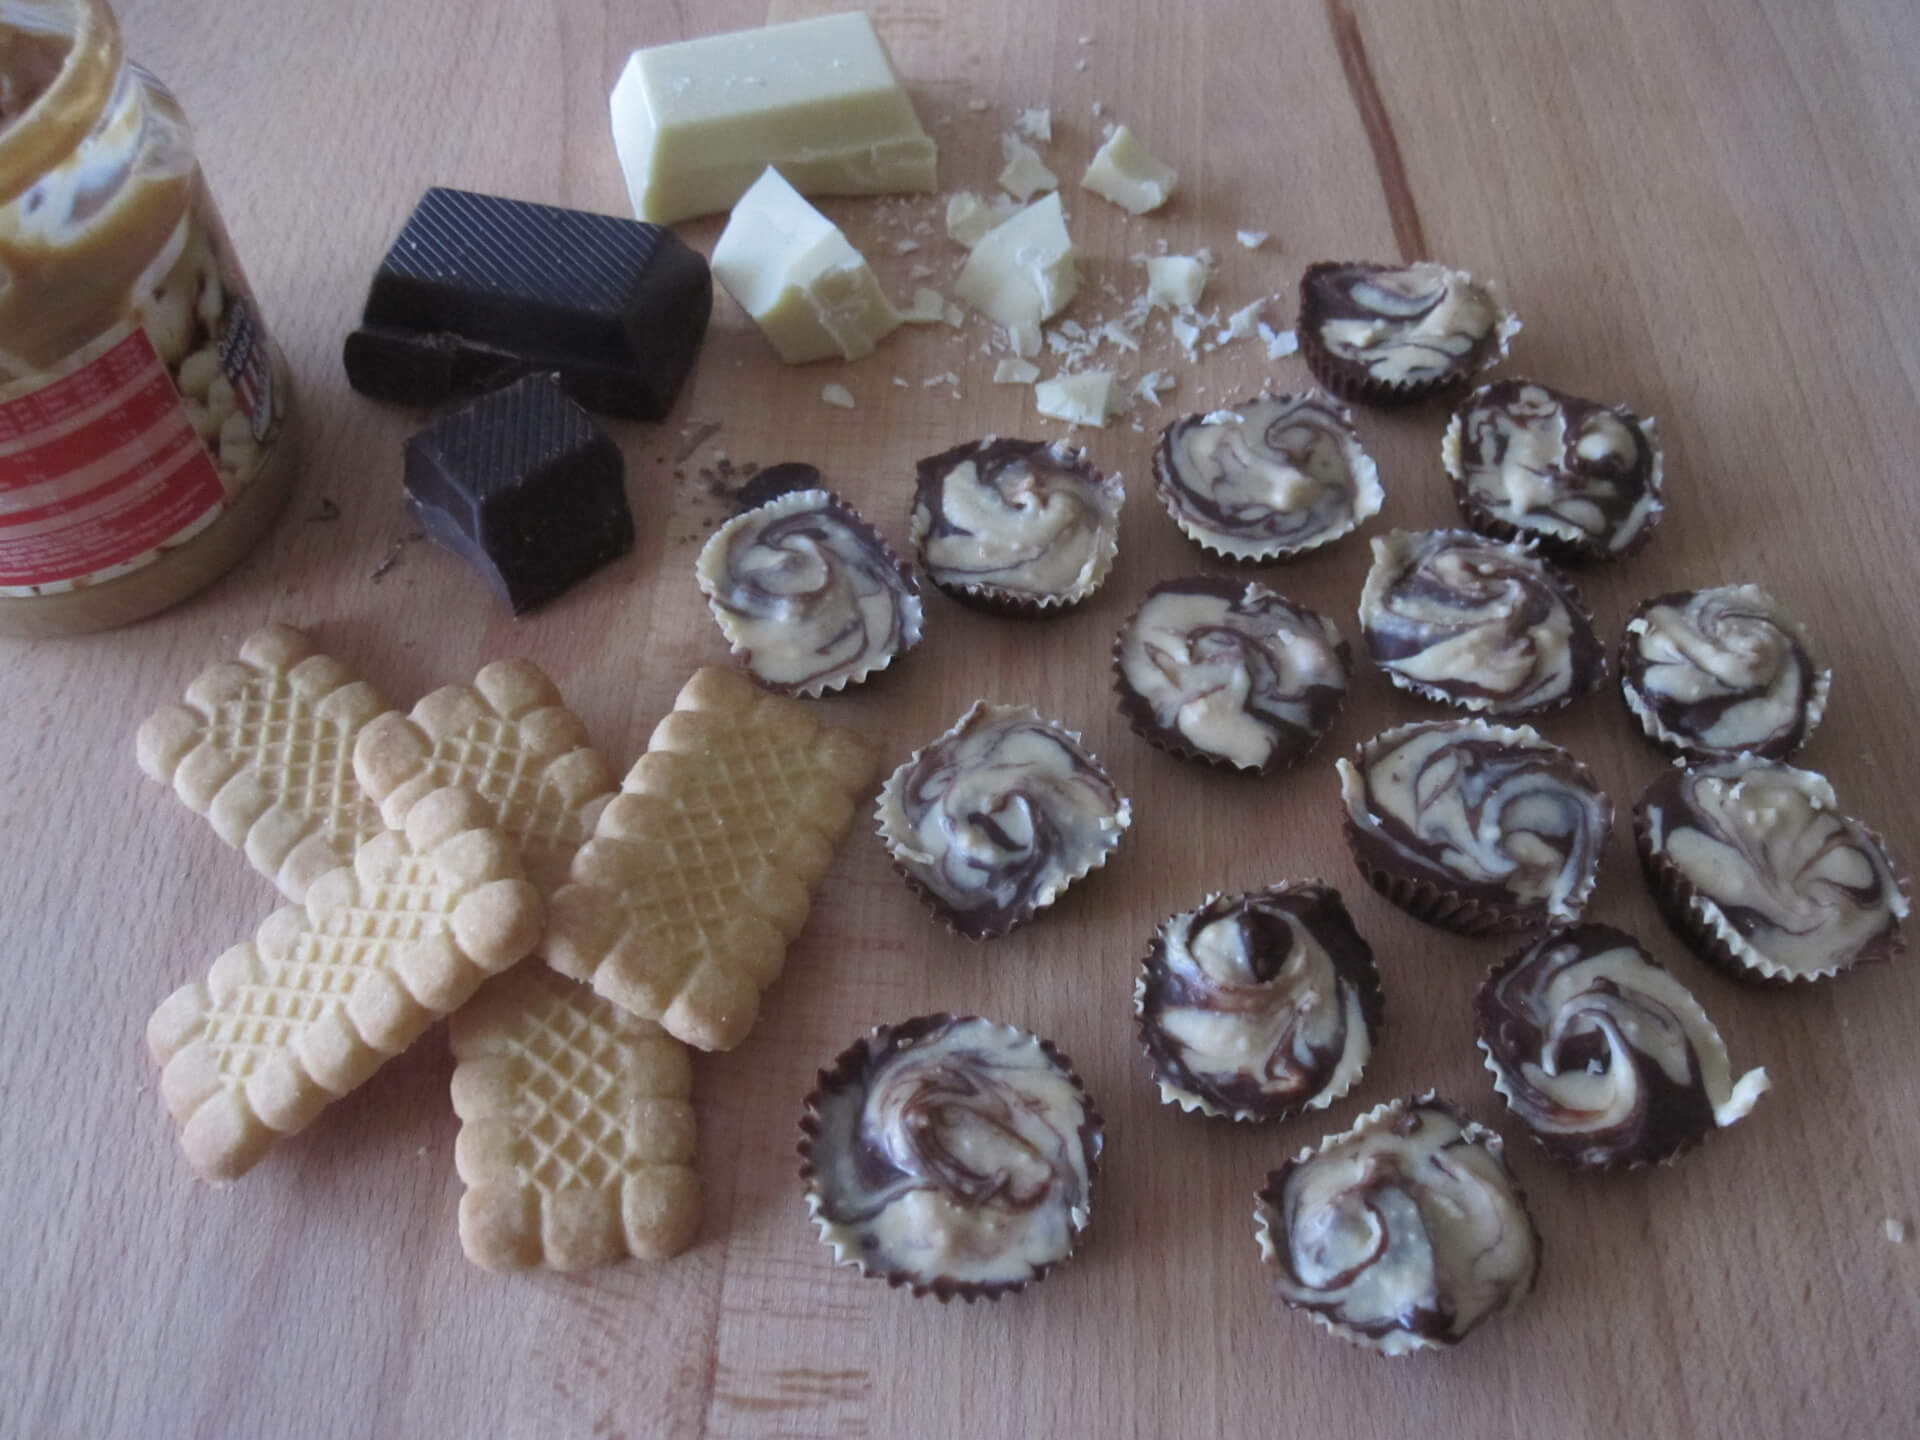 Schoko-Erdnuss-Pralinen mit den Zutaten weiße und dunkle Schokolade, Erdnussbutter und Butterkeksen